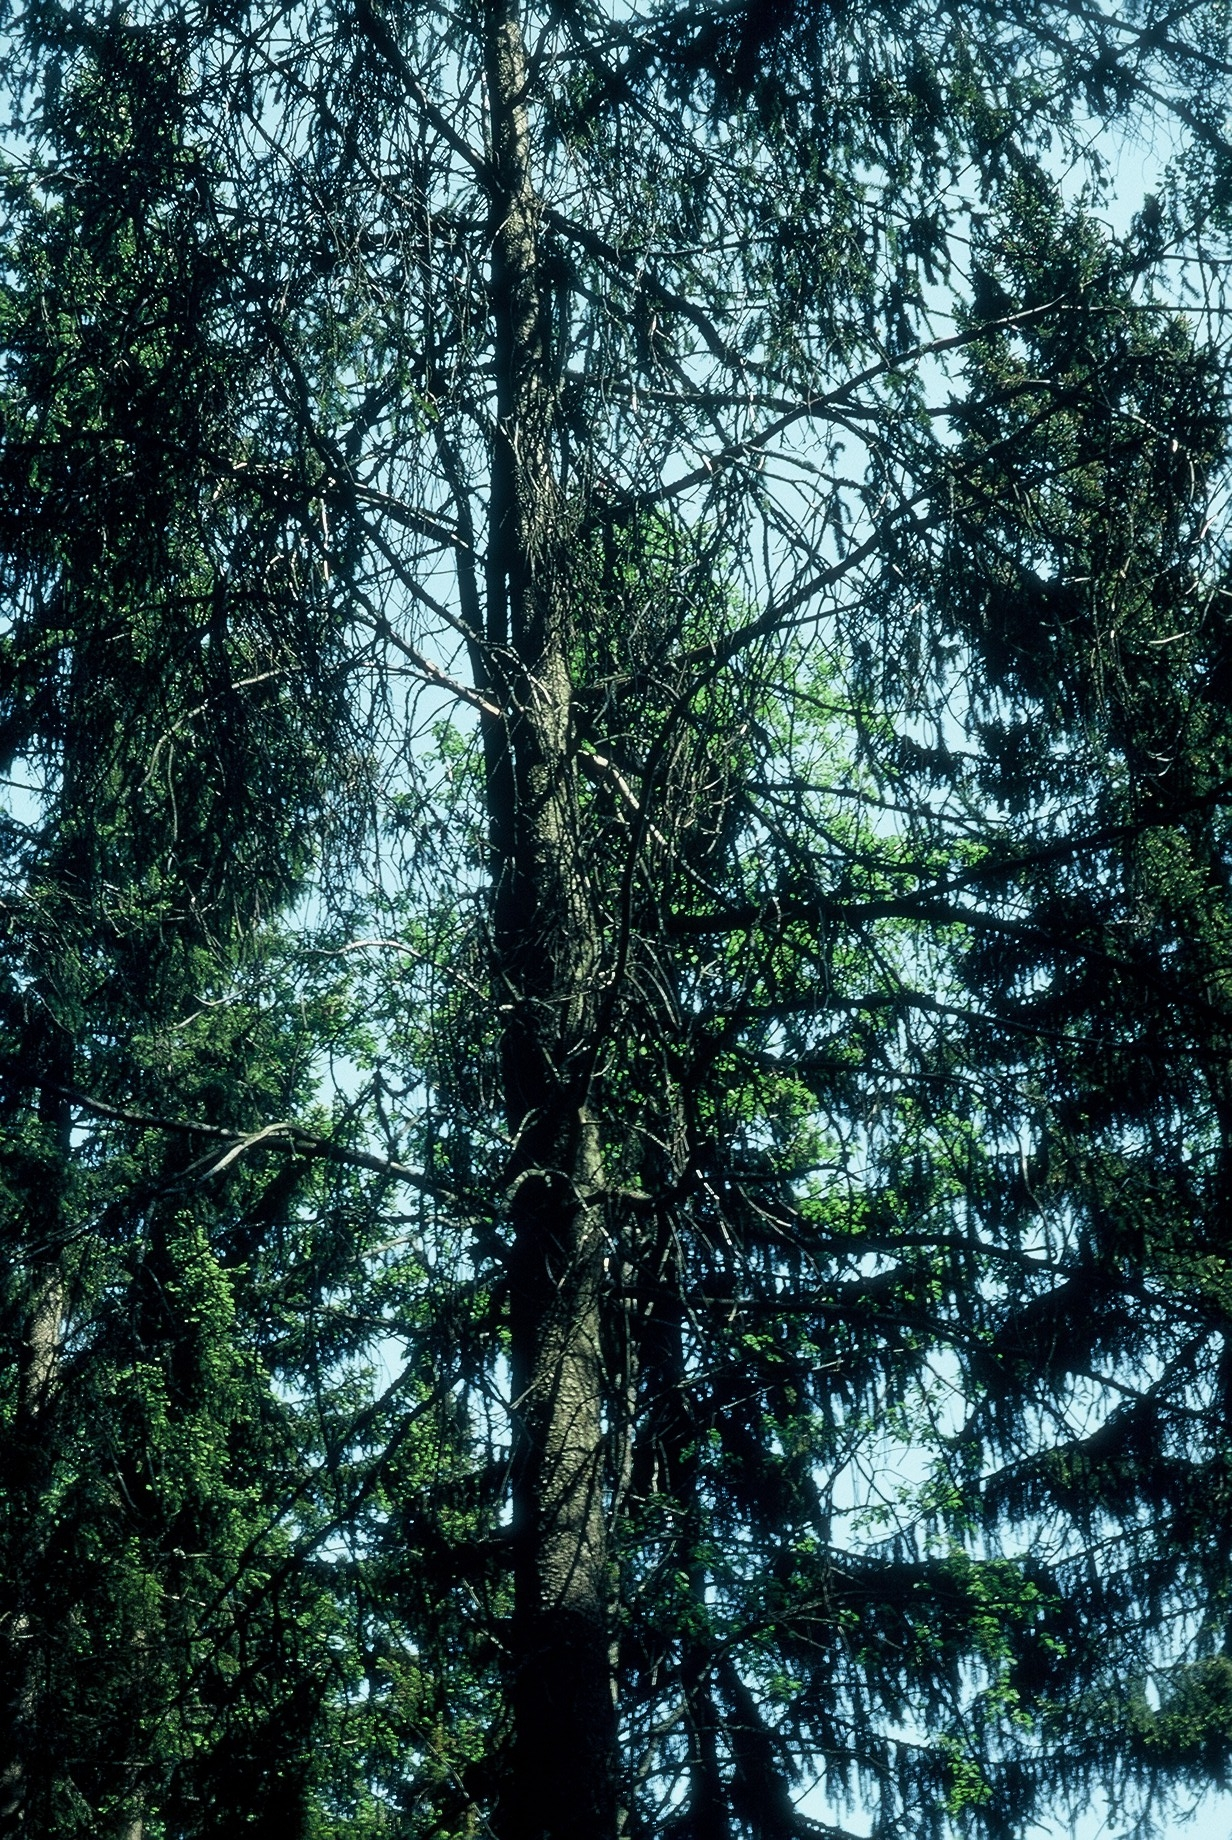 Luonnonmuistomerkki, käärmekuusi, Hiitinen, kuva Lohjan ympäristönsuojelu.